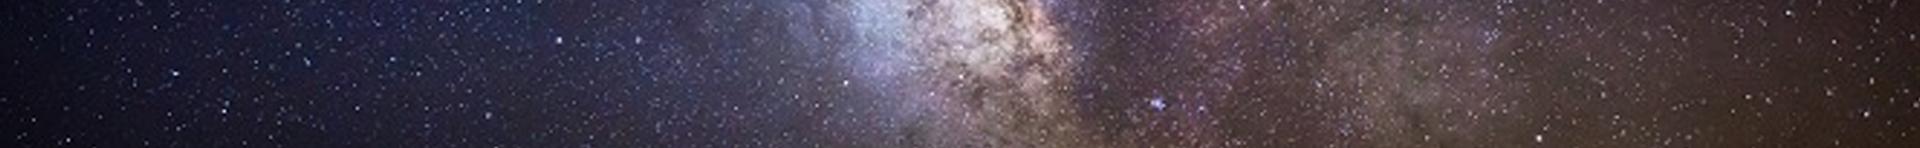 https://engranajesciencia.com/wp-content/uploads/2021/07/HEADER-IMAGE-e1631093108669.png